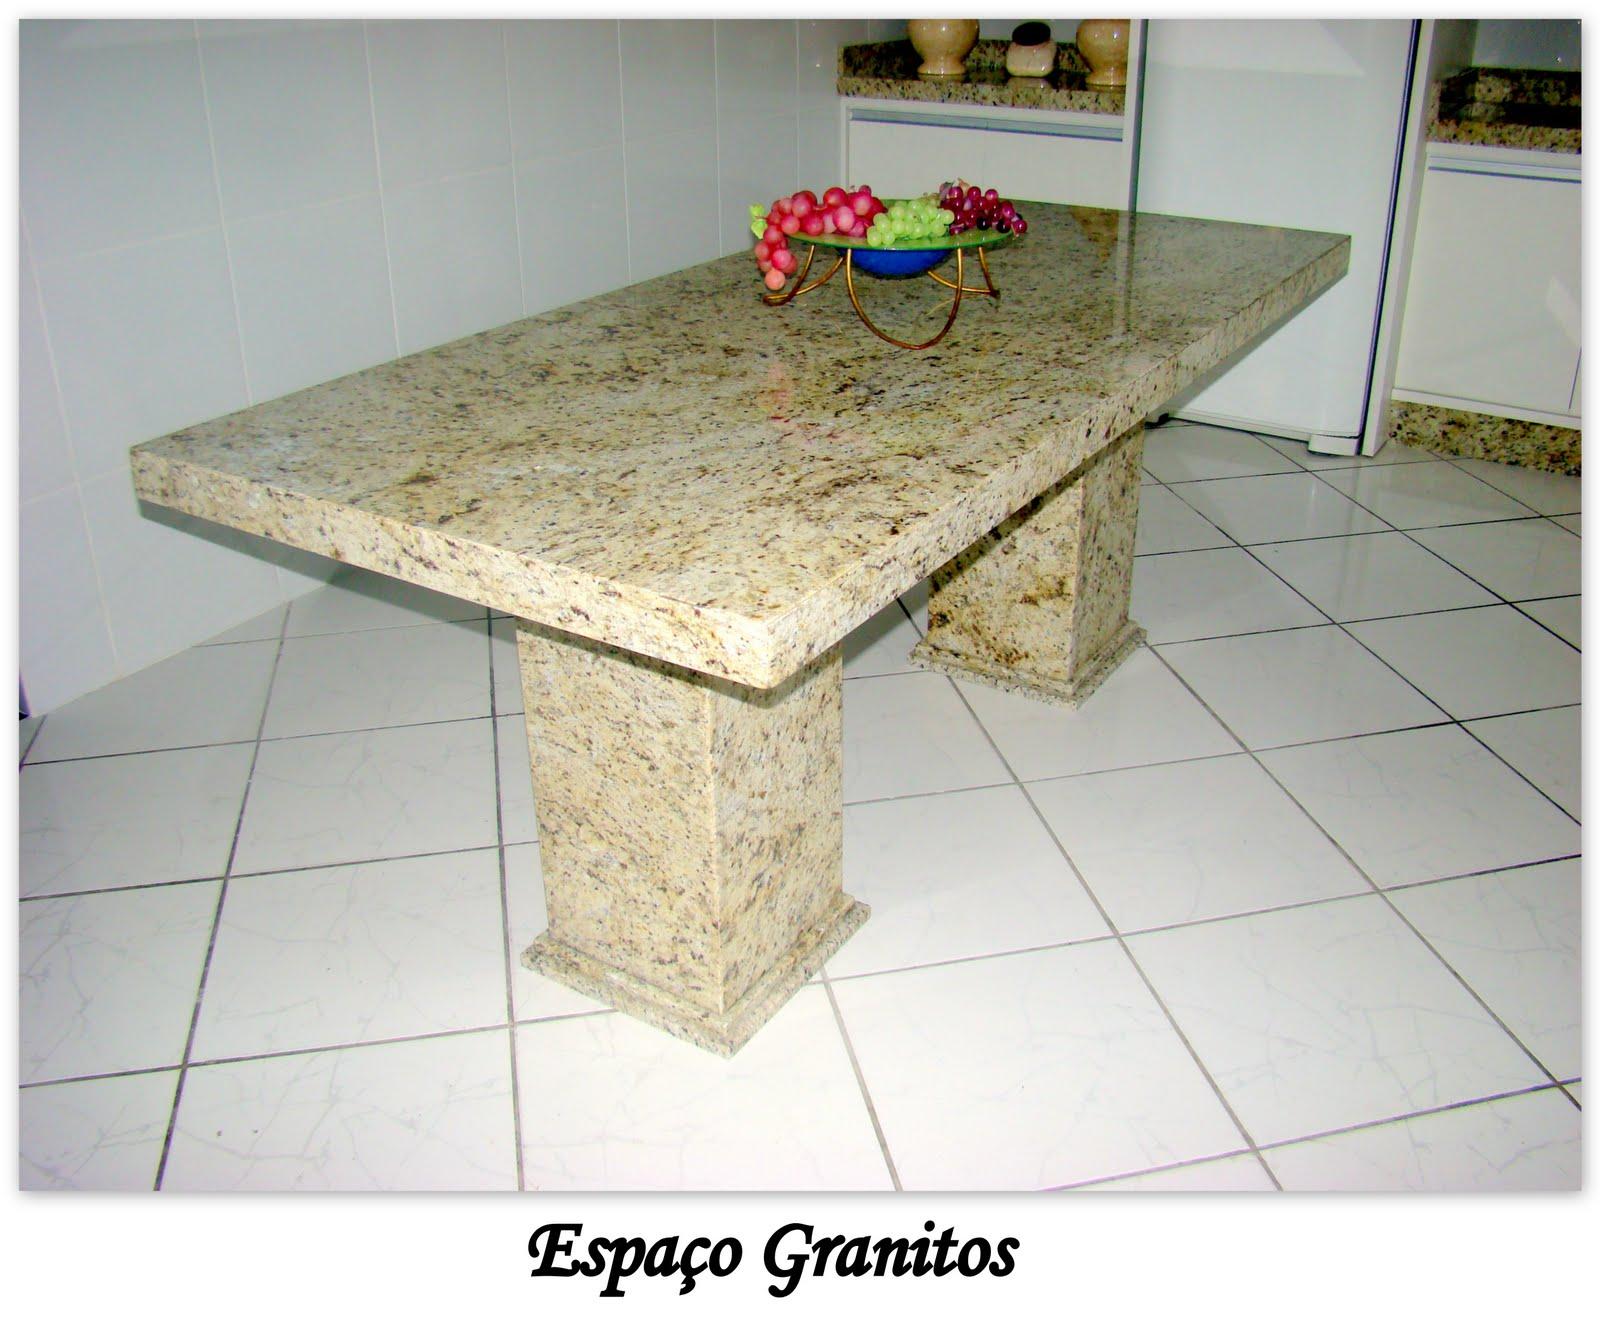 Granitos e m rmores mesas e aparadores - Mesa de granito ...